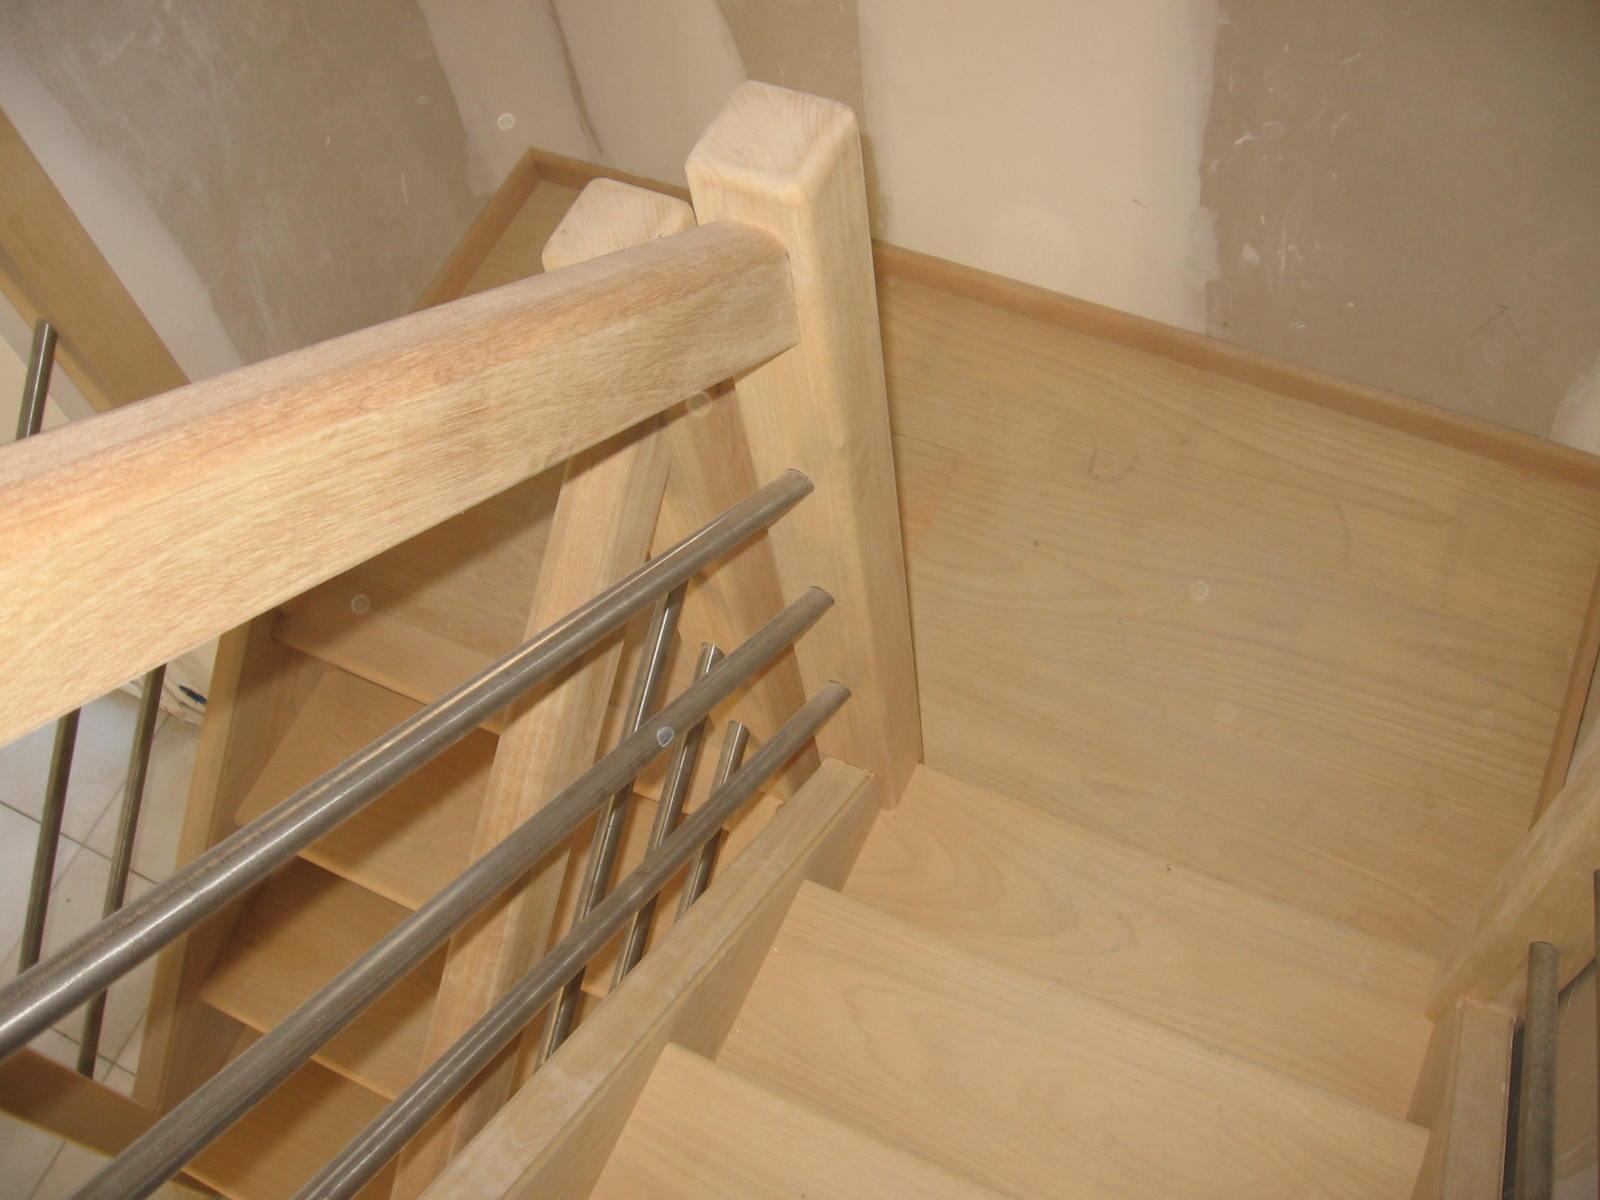 escaliersbois64800 escalier avec palier intermaidiaire bois exotique clair tauari. Black Bedroom Furniture Sets. Home Design Ideas